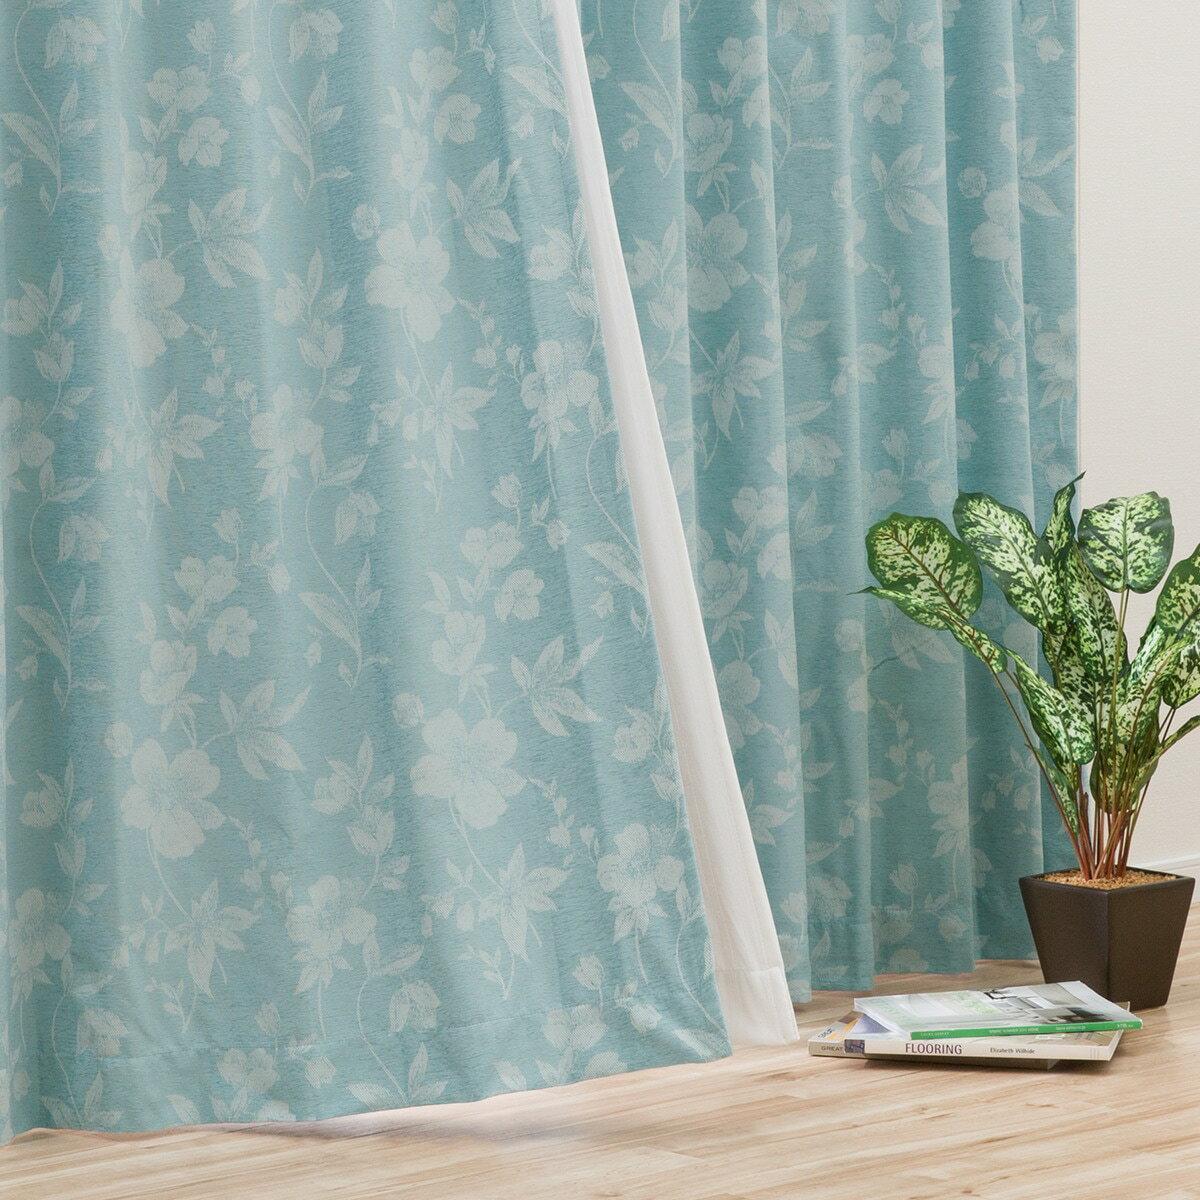 (1枚入り)裏地付き遮光2級・遮熱カーテン(センシル ターコイズブルー 100X178X1) ニトリ 【玄関先迄納品】